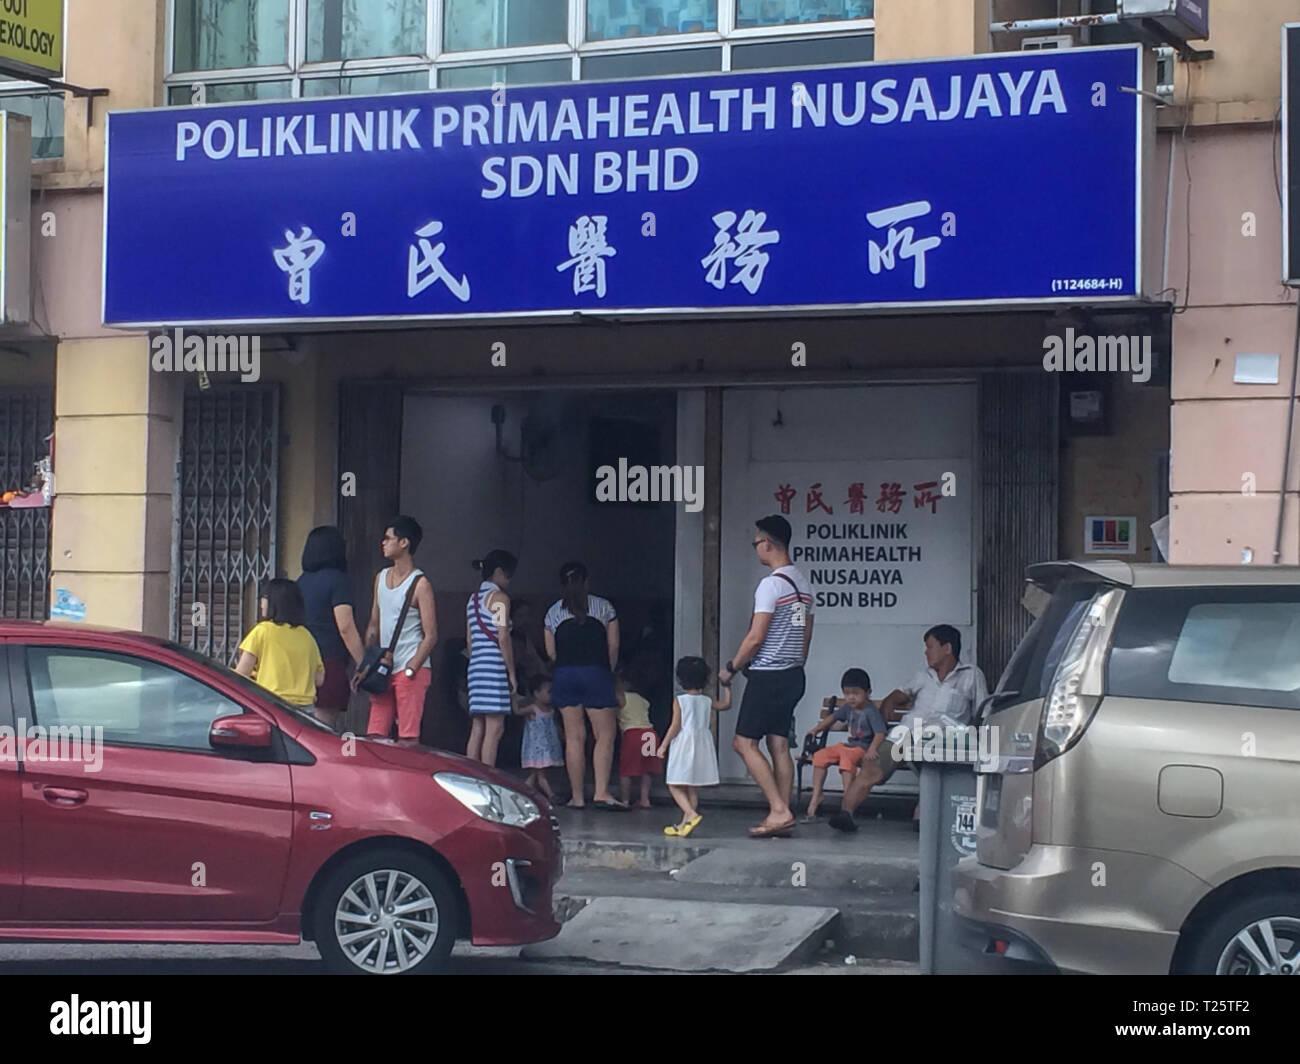 Local clinic in Iskandar Puteri, Malaysia - Stock Image